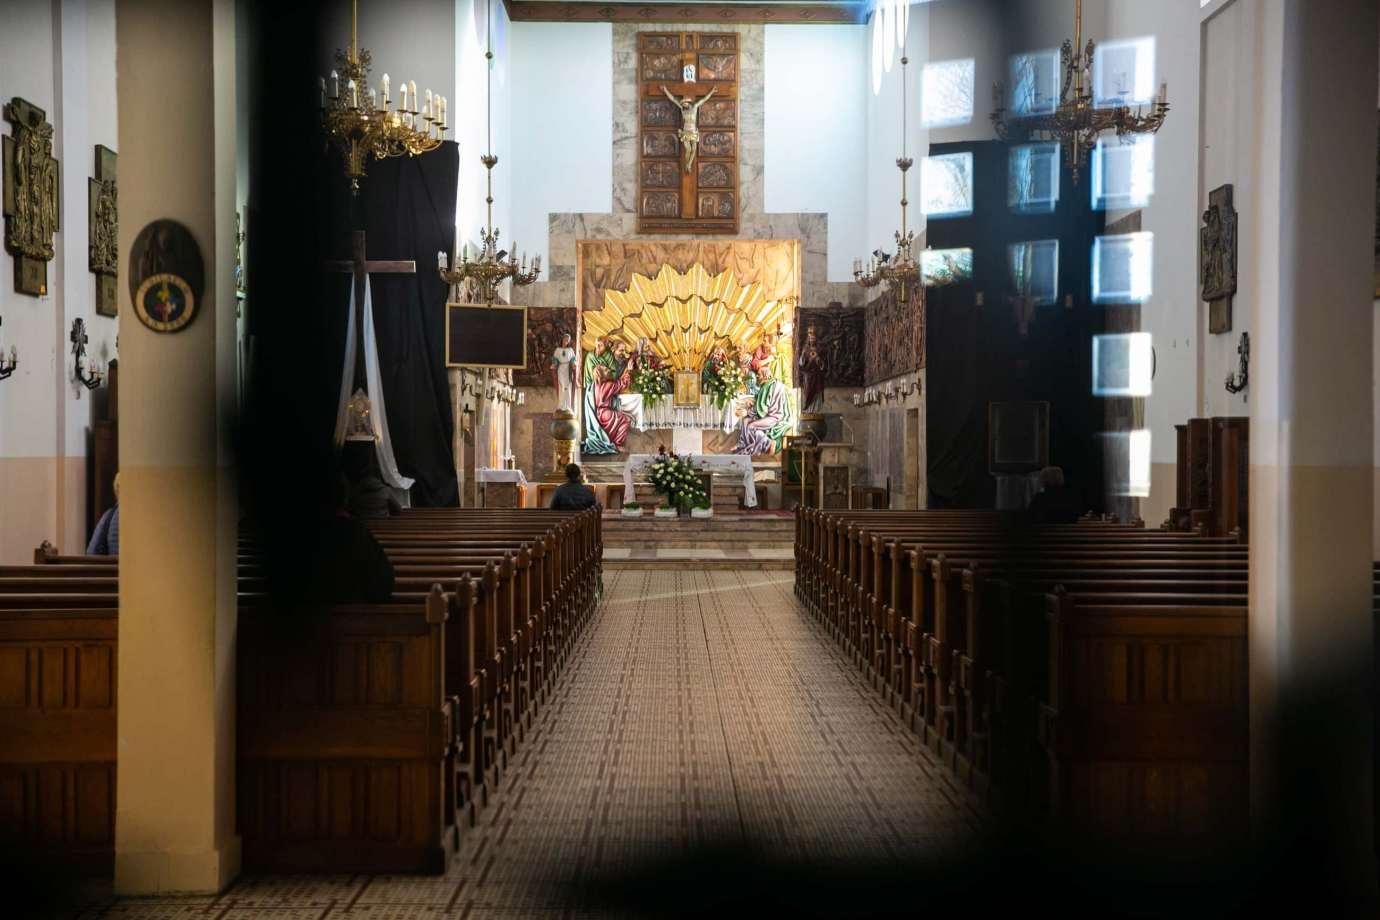 parafia pw swietego krzyza w zamosciu 3 Zdjęcia grobów pańskich w zamojskich świątyniach